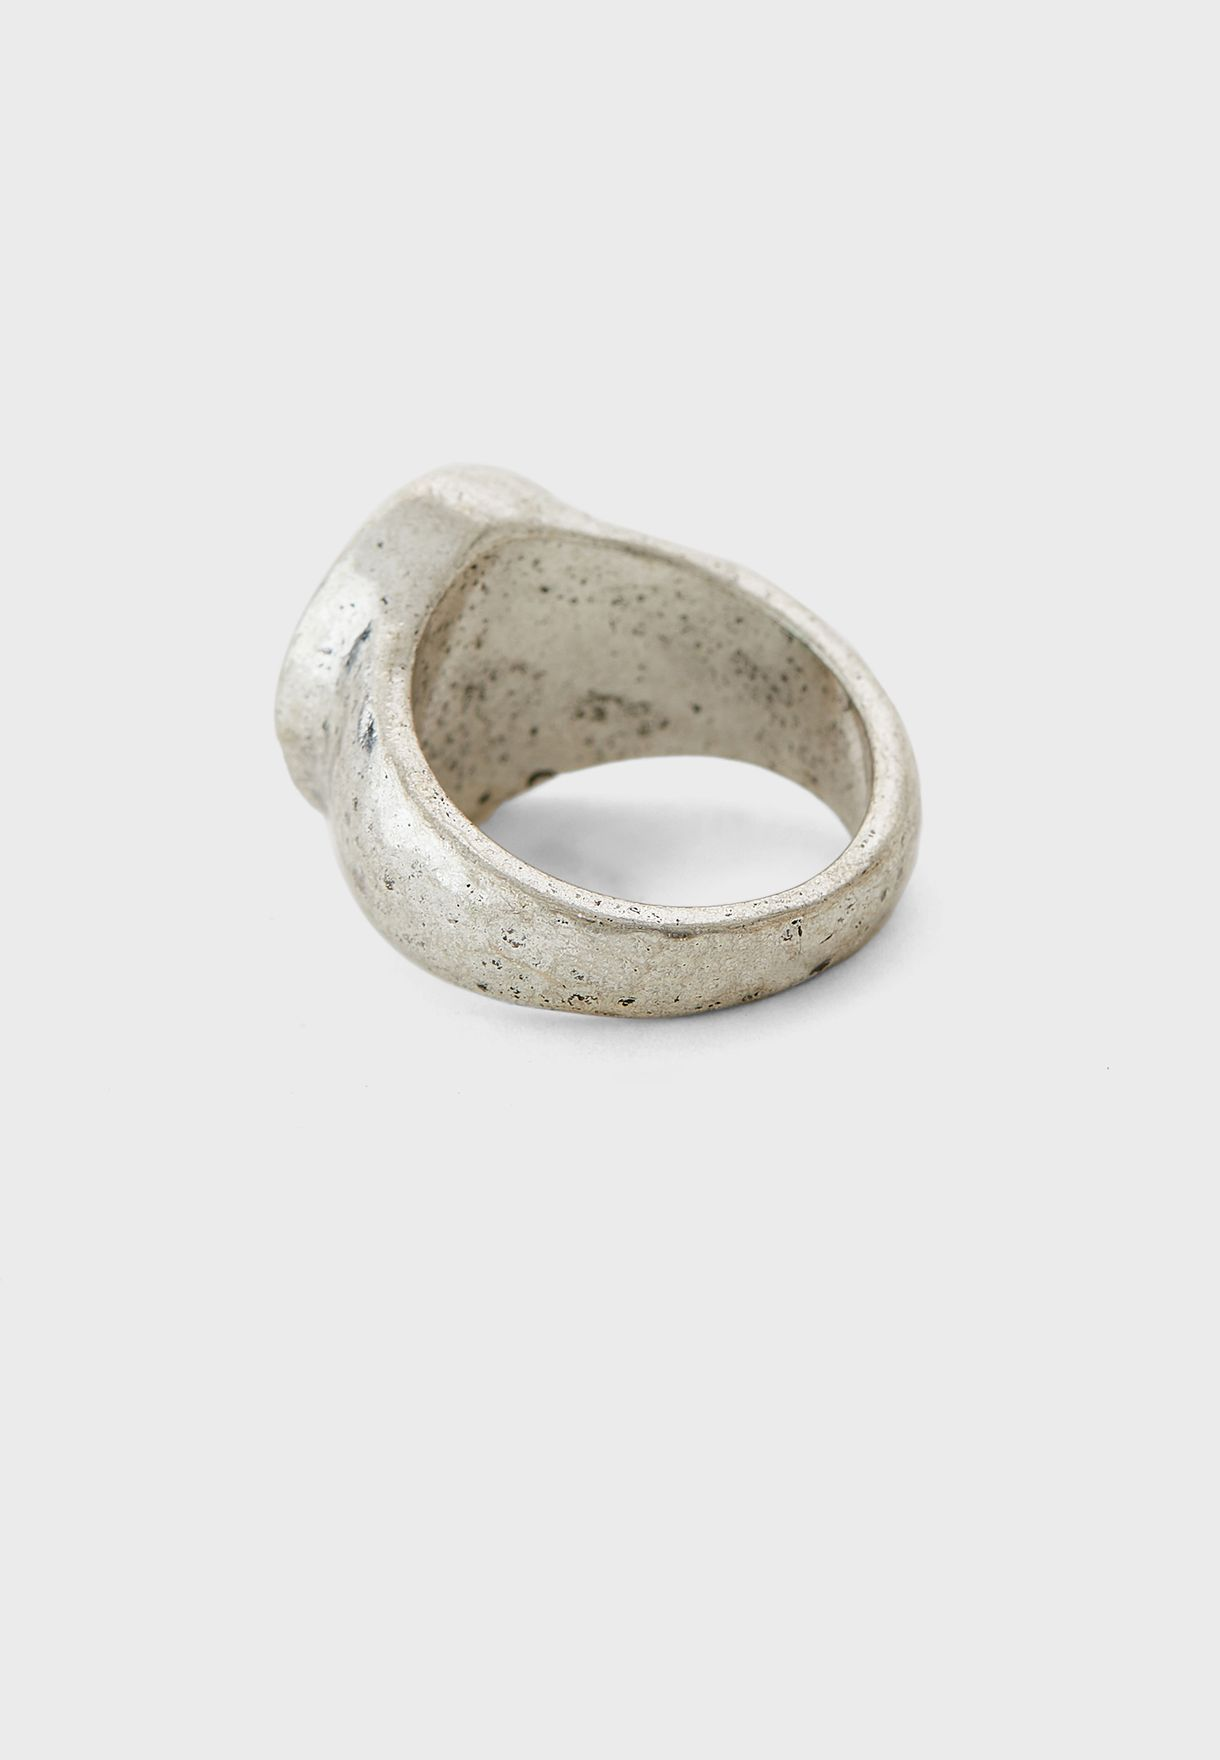 خاتم معدني دائري